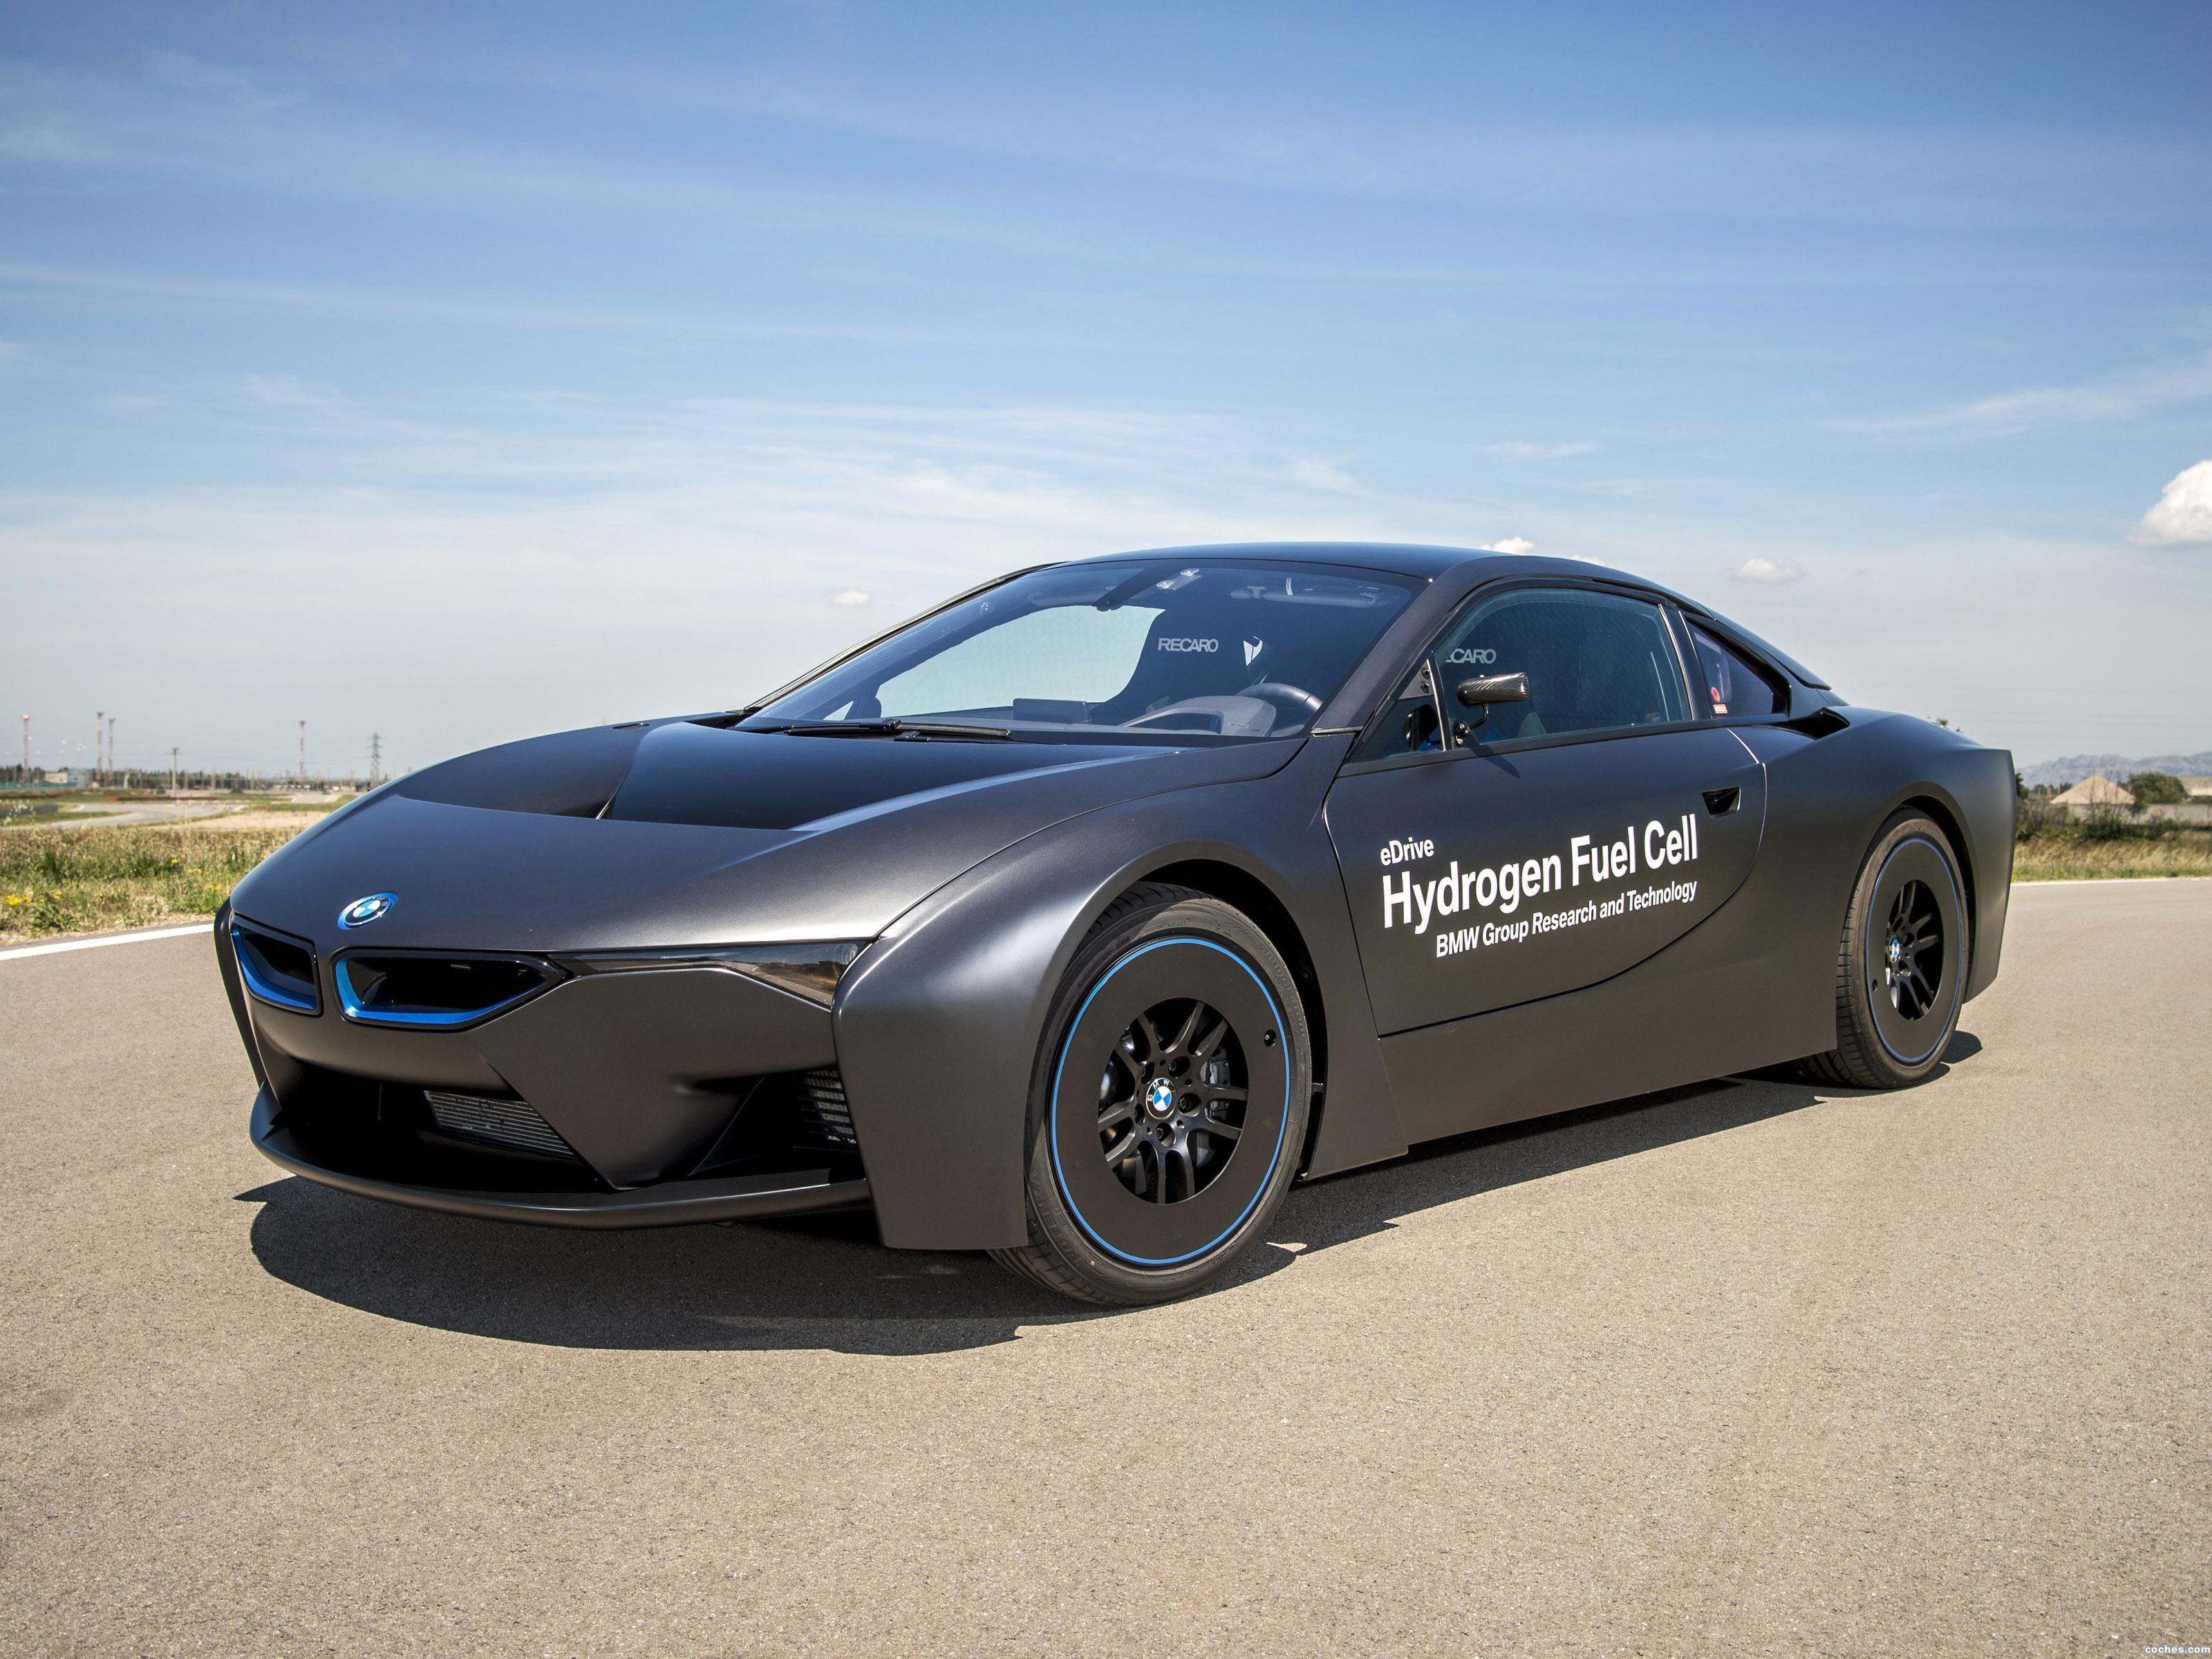 Foto 0 de BMW Hydrogen Fuel Cell Concept 2015